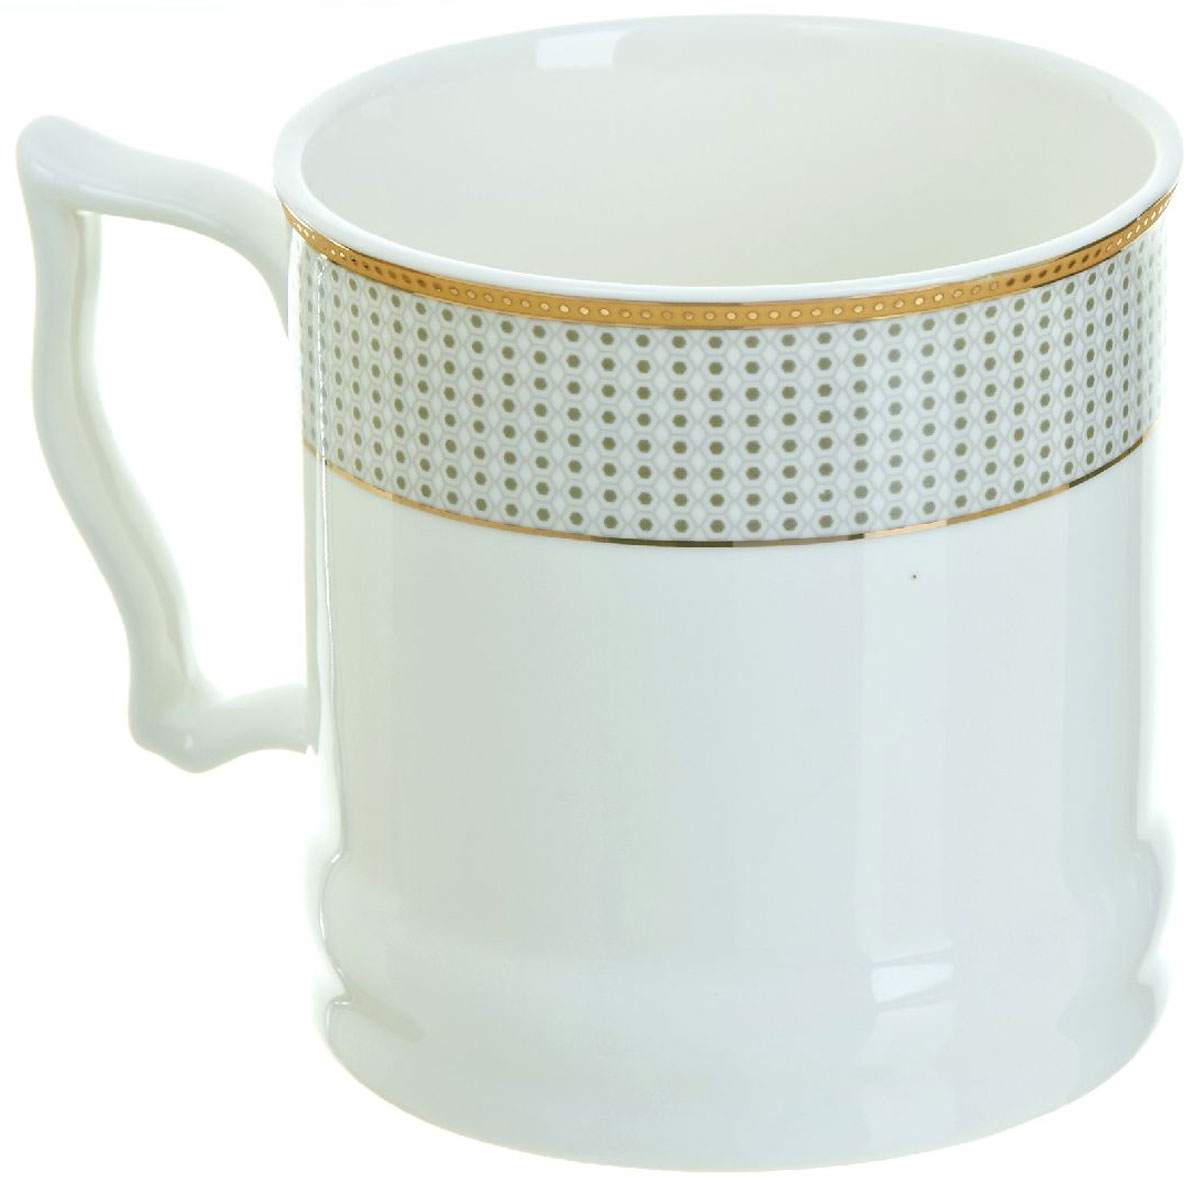 Кружка BHP Королевская кружка, 500 мл. 1870012115510Оригинальная кружка Best Home Porcelain, выполненная из высококачественного фарфора, сочетает в себе простой, утонченный дизайн с максимальной функциональностью. Можно использовать в посудомоечной машине.